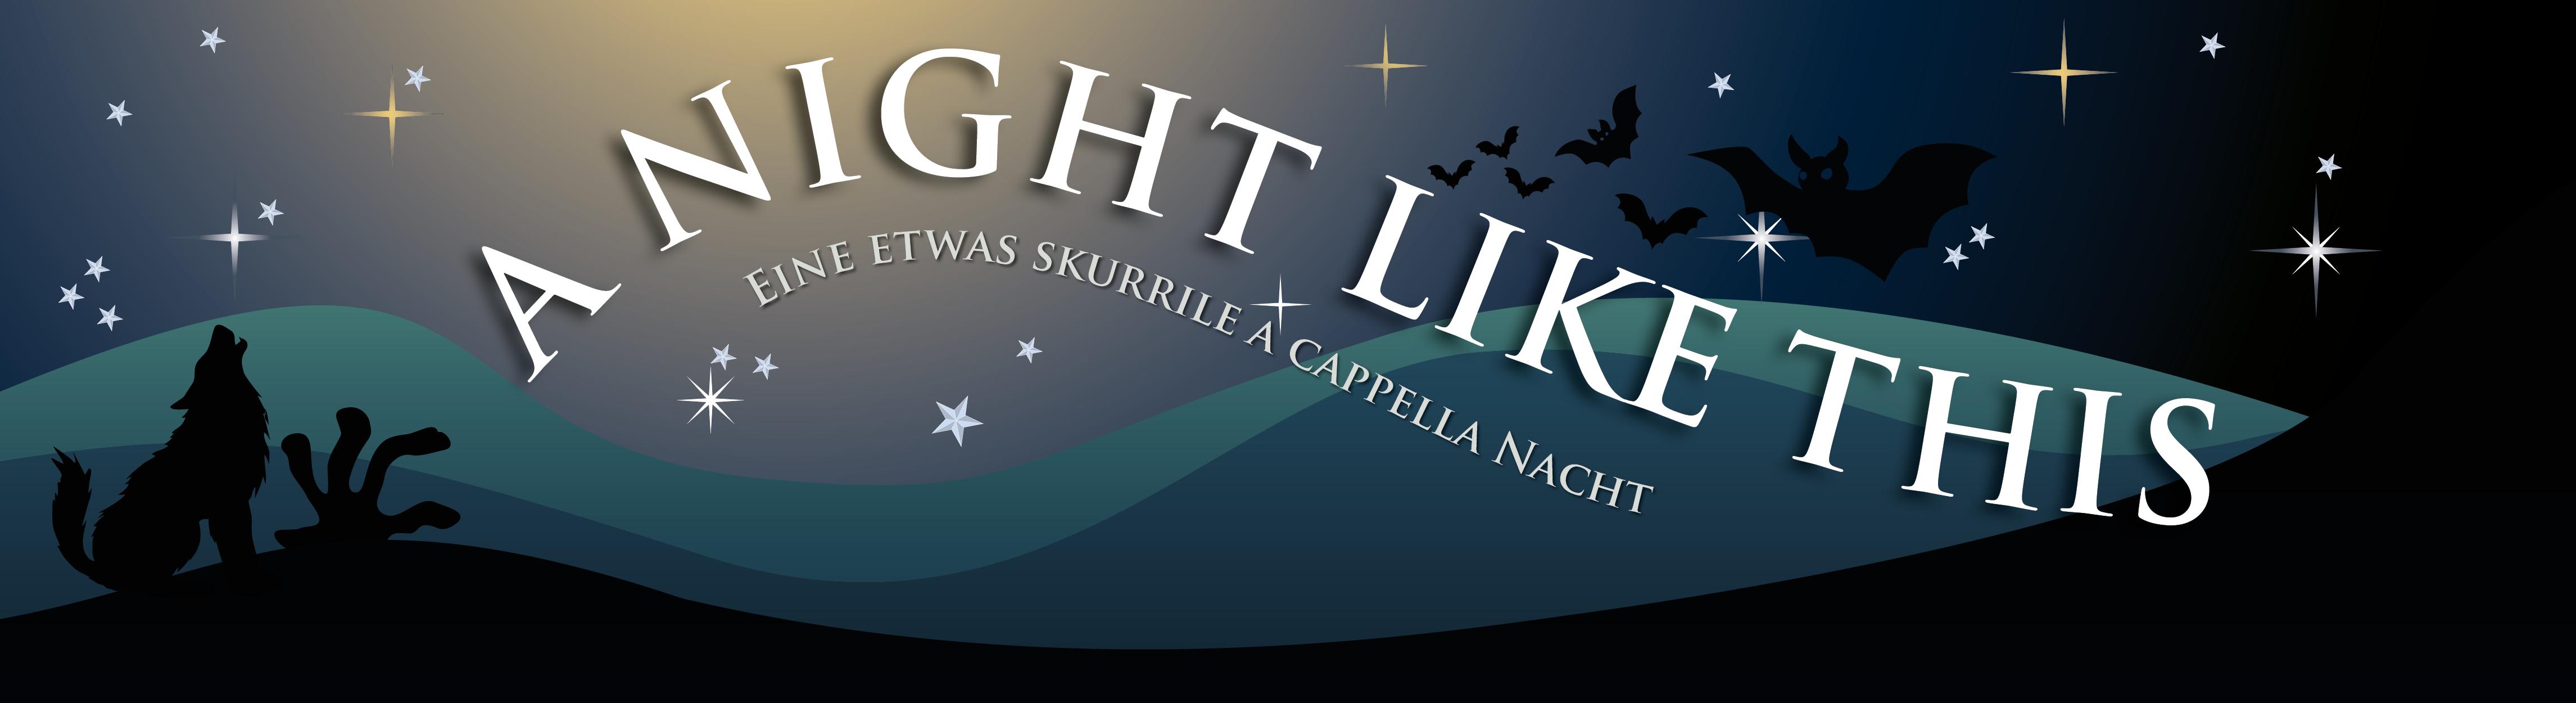 Jetzt Tickets sichern: A night like this - Das Konzert am 3.12.16 in München